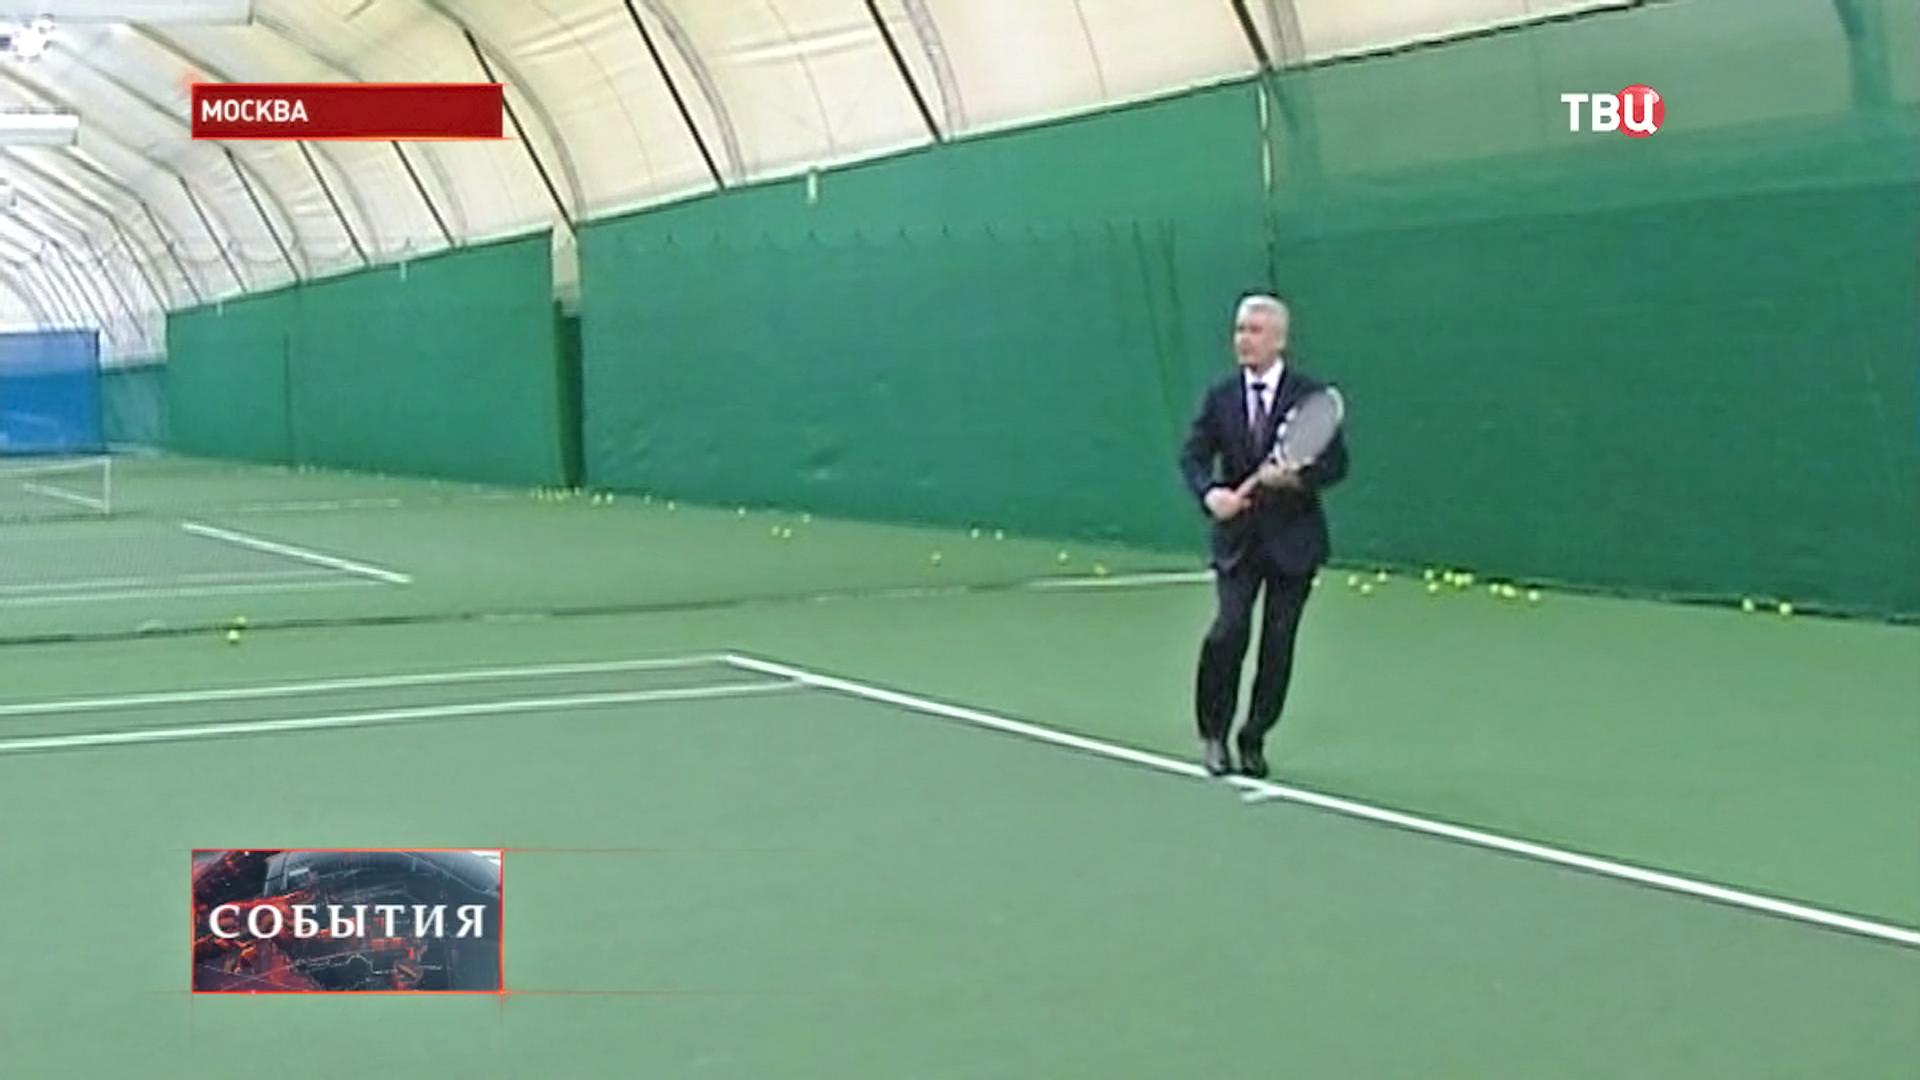 Сергей Собянин играет в теннис